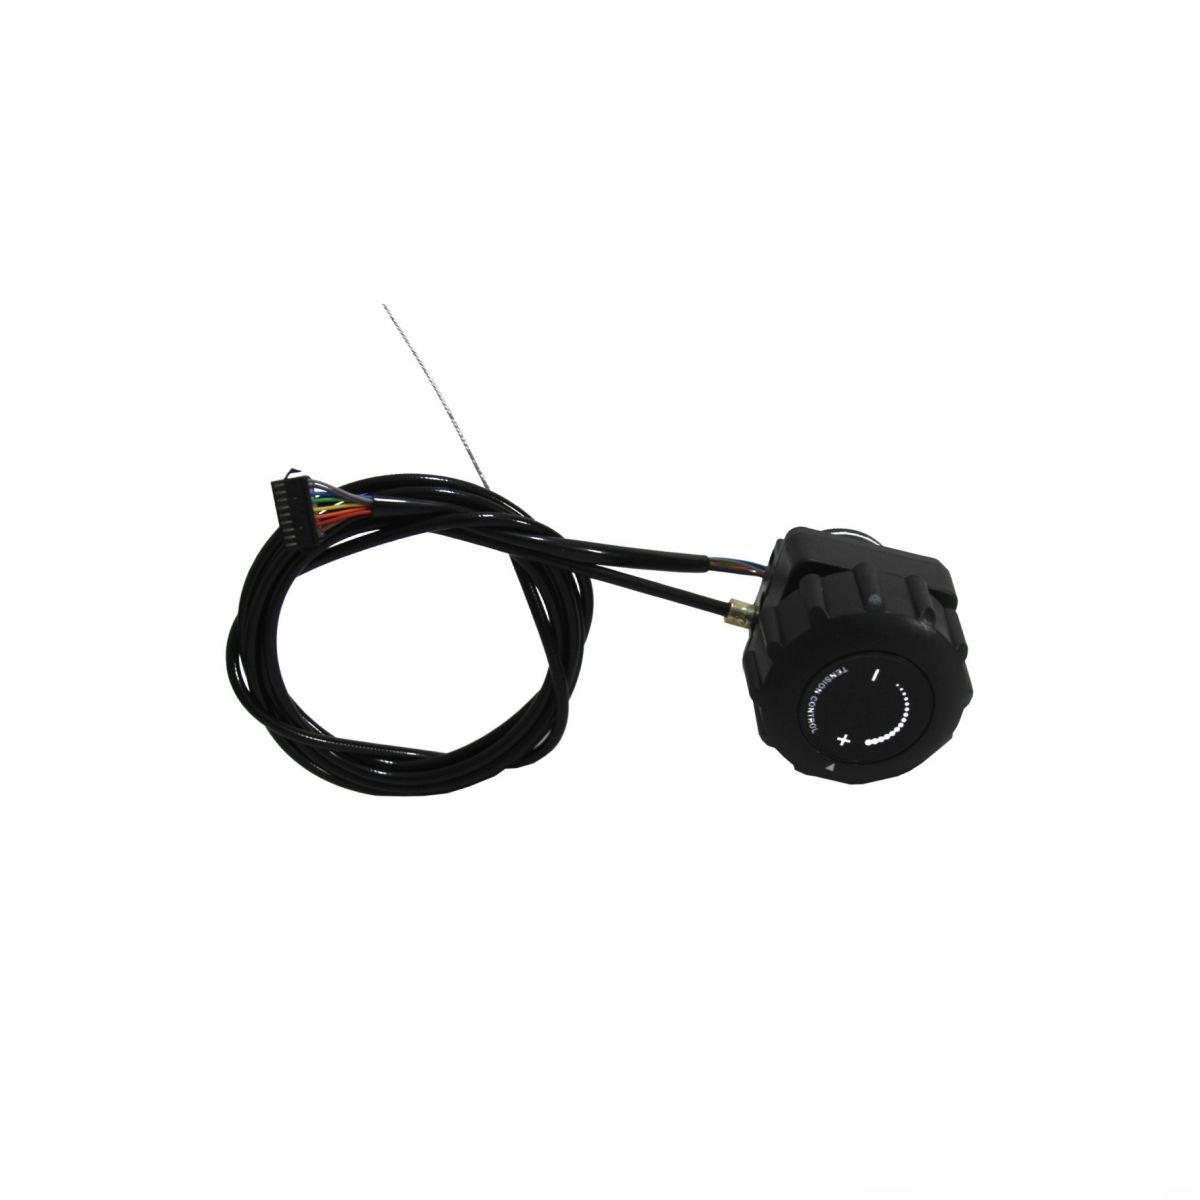 Regulador de Esforço Knob Bicicleta Ergométrica   Movement Lx-120 e 130